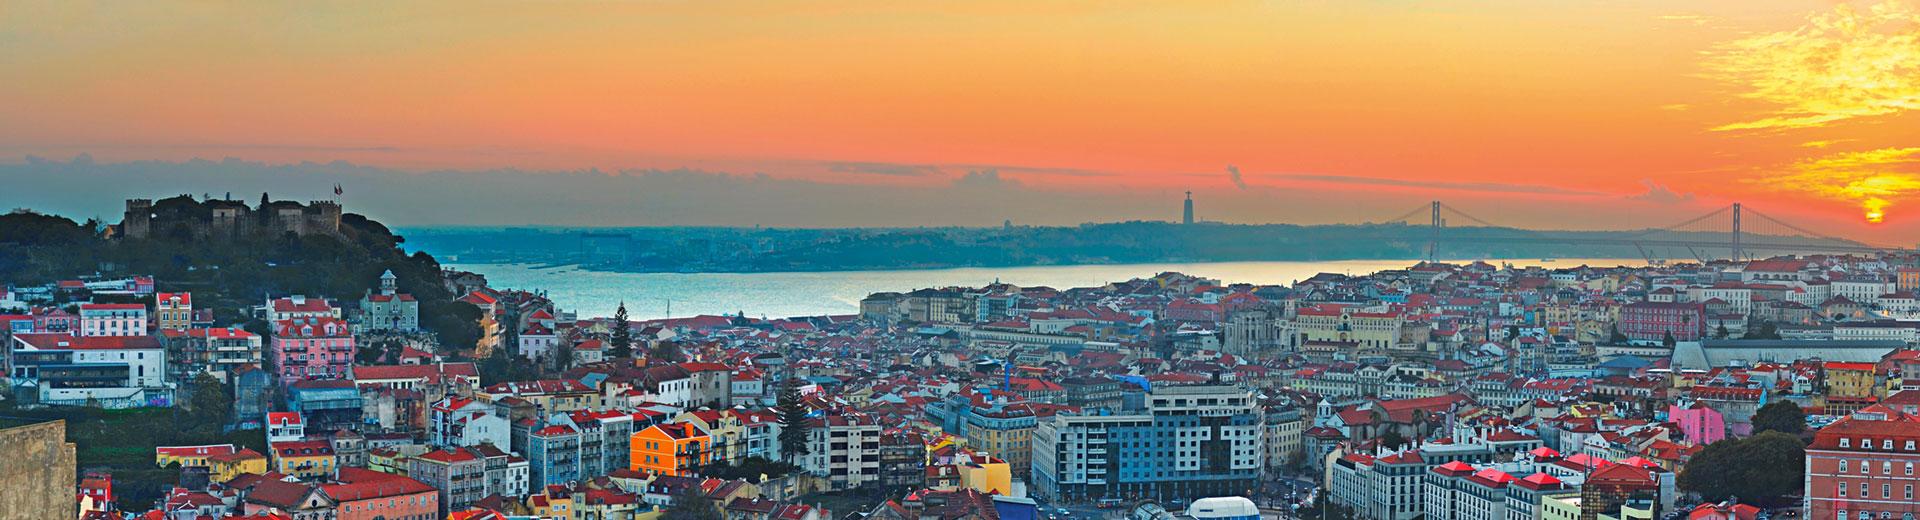 Voyages en groupe Lisbonne - offre économique avion